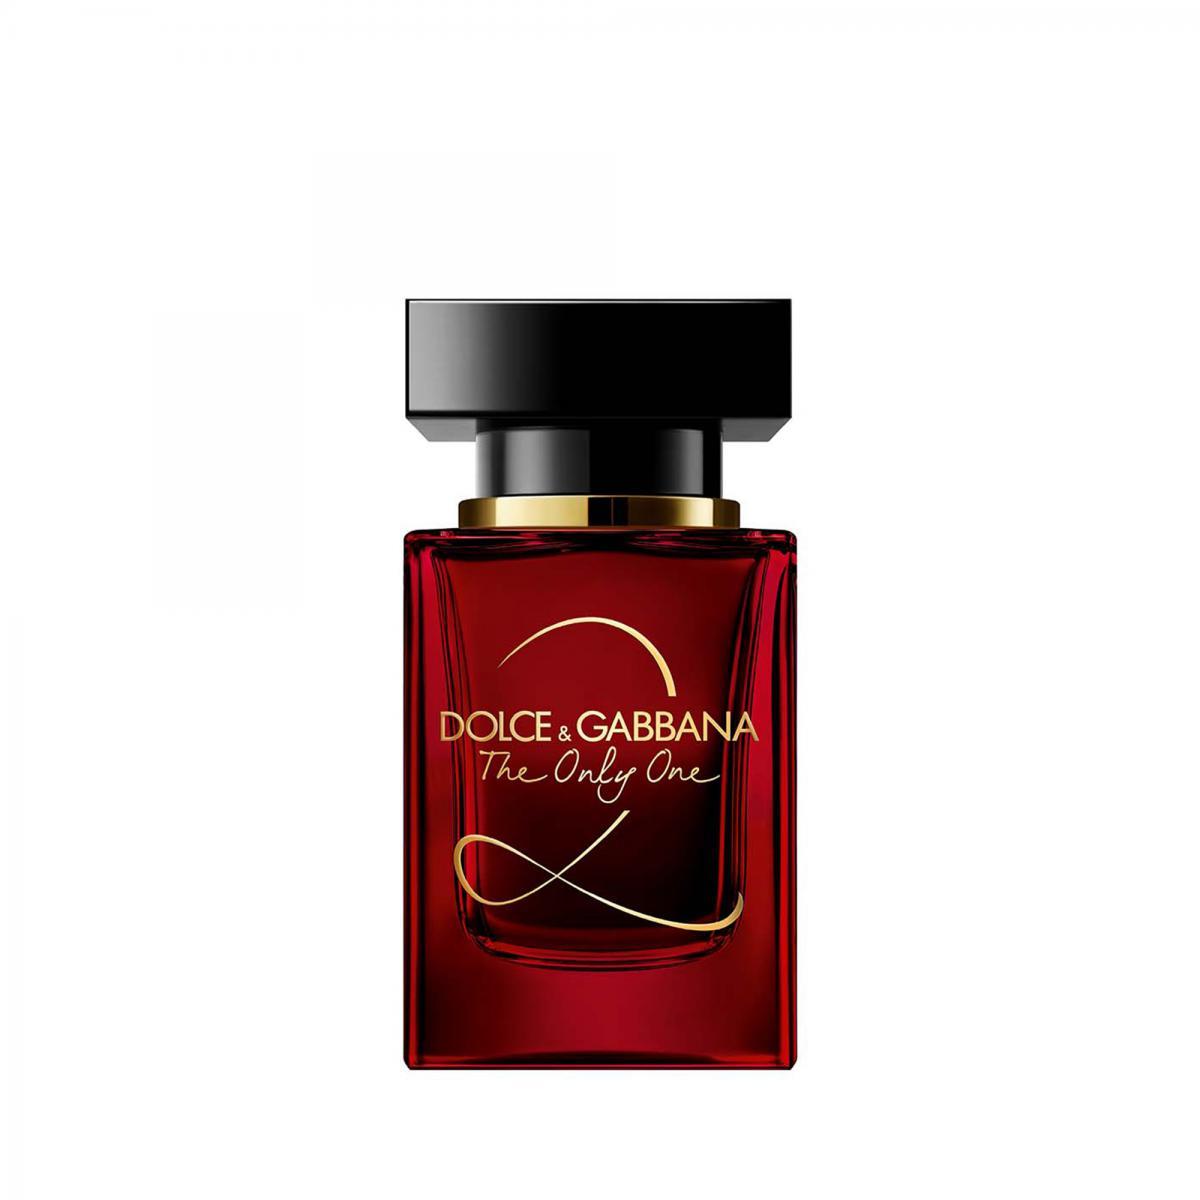 THE ONLY ONE 2 Eau de parfum vaporisateur